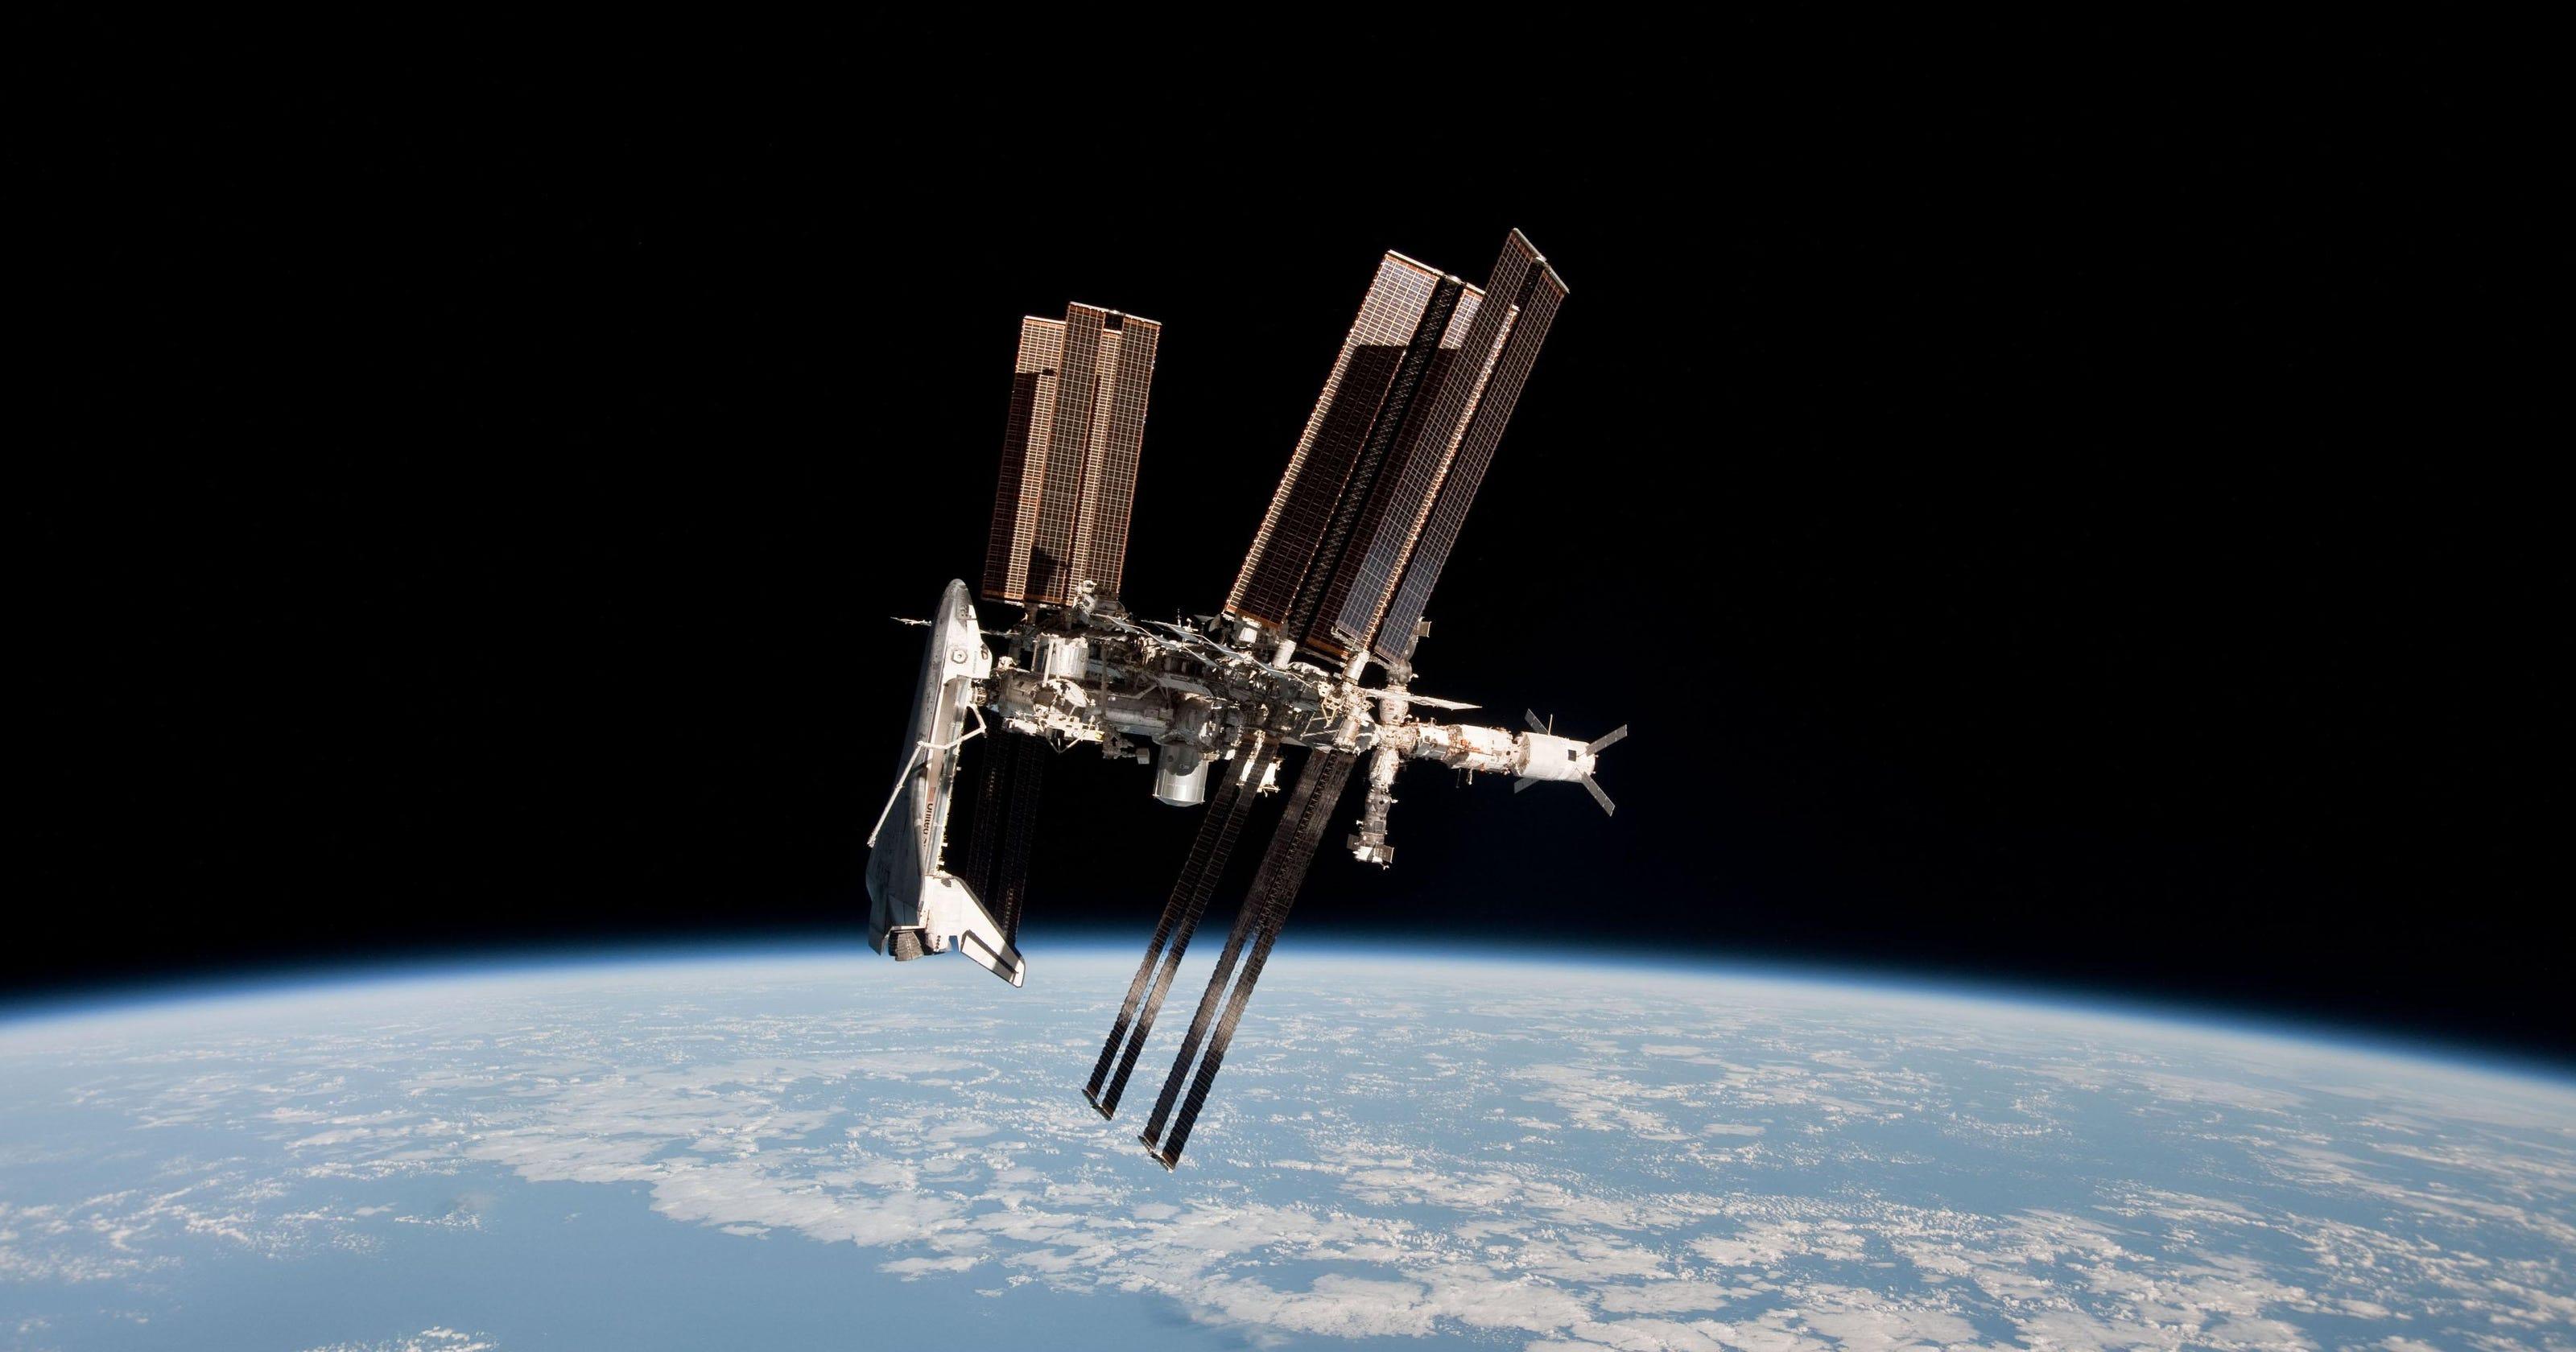 nasa live satellite - HD1920×1080